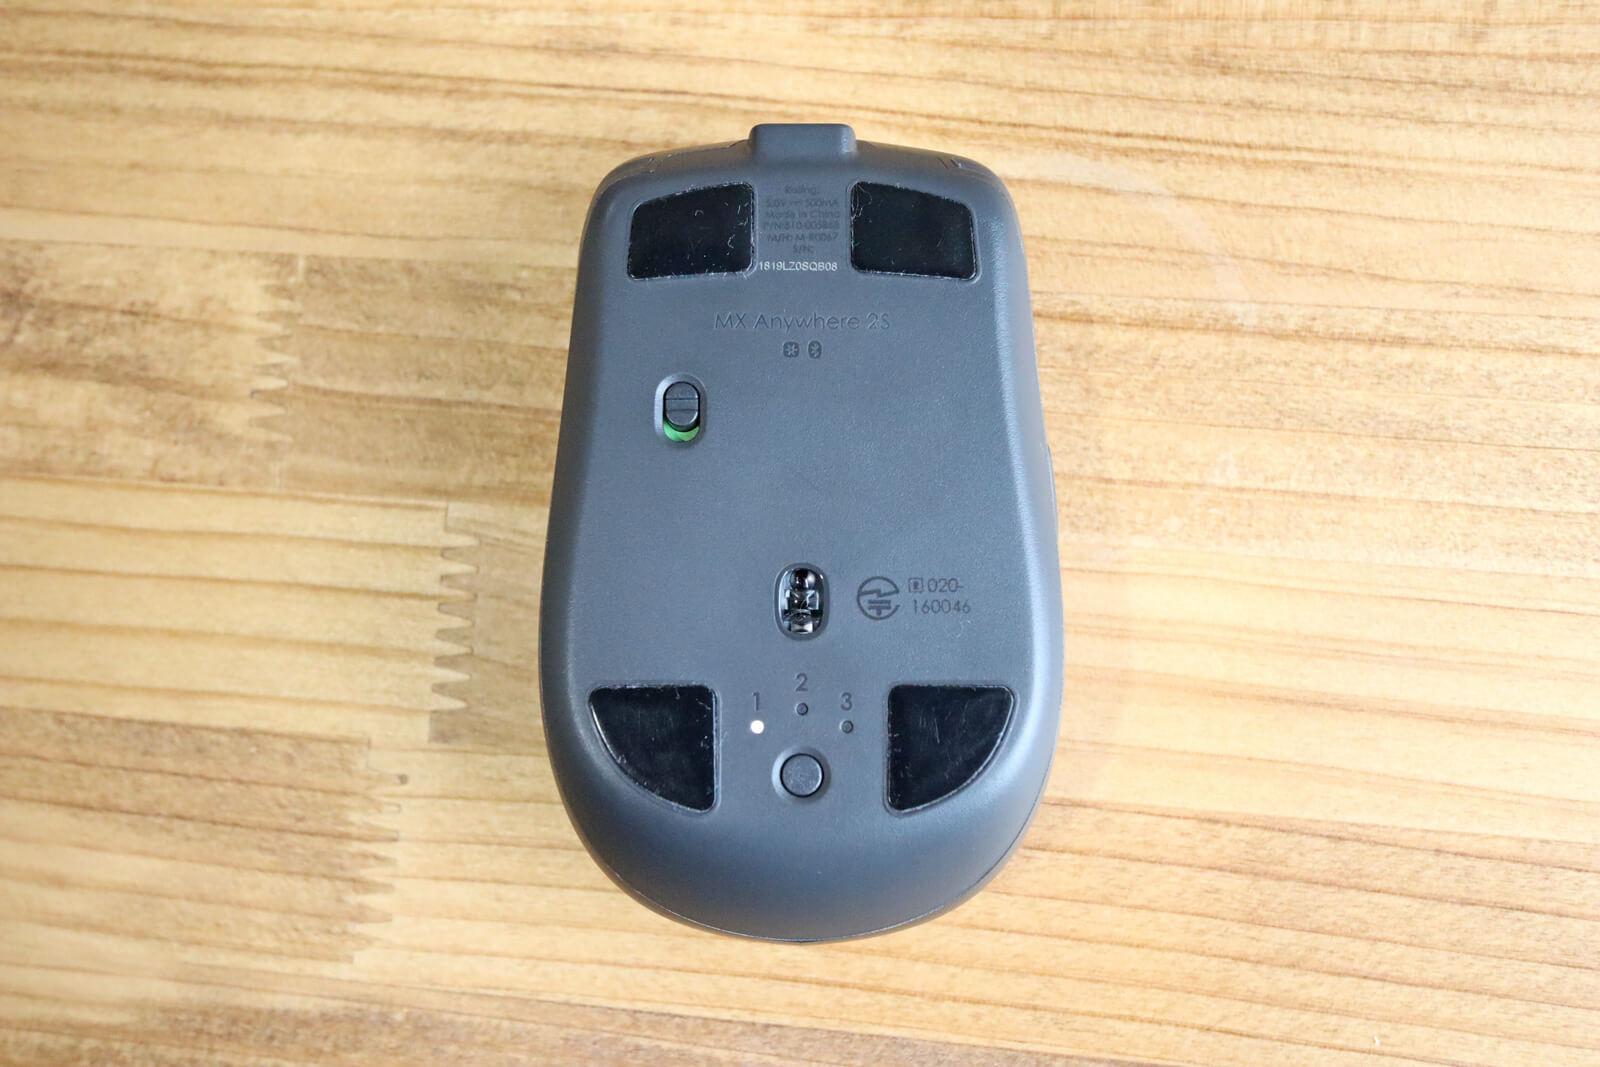 マウス底面には電源スイッチとデバイス切り替えボタンがあります